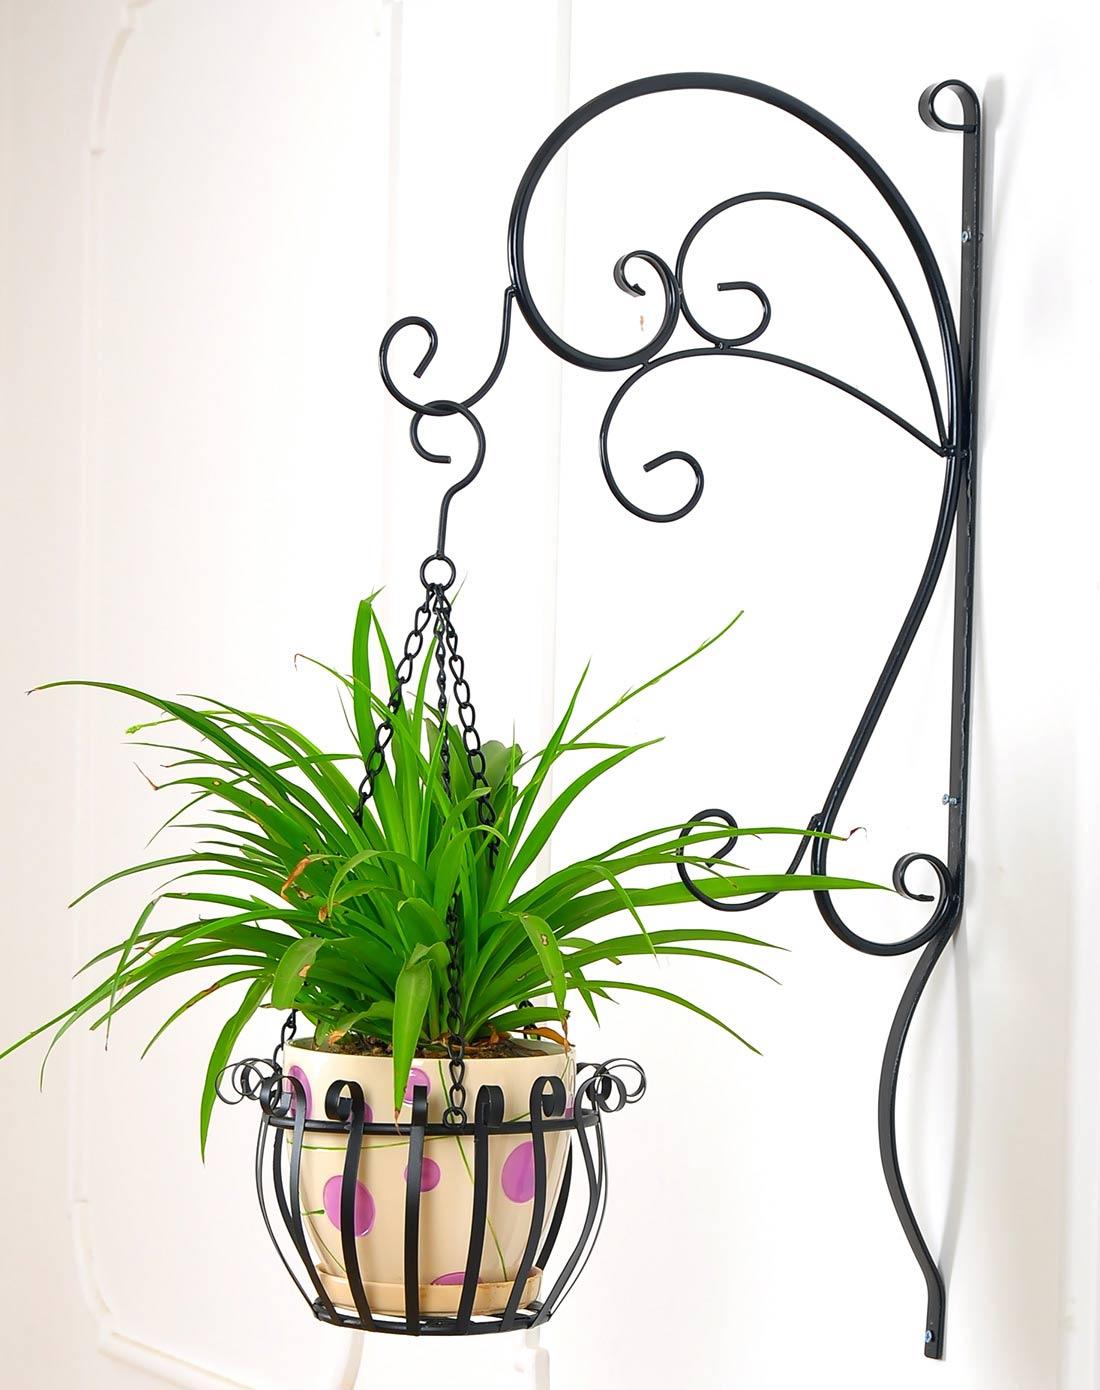 新滢铁艺黑色欧式时尚铁艺吊篮壁挂式花盆架xy1104